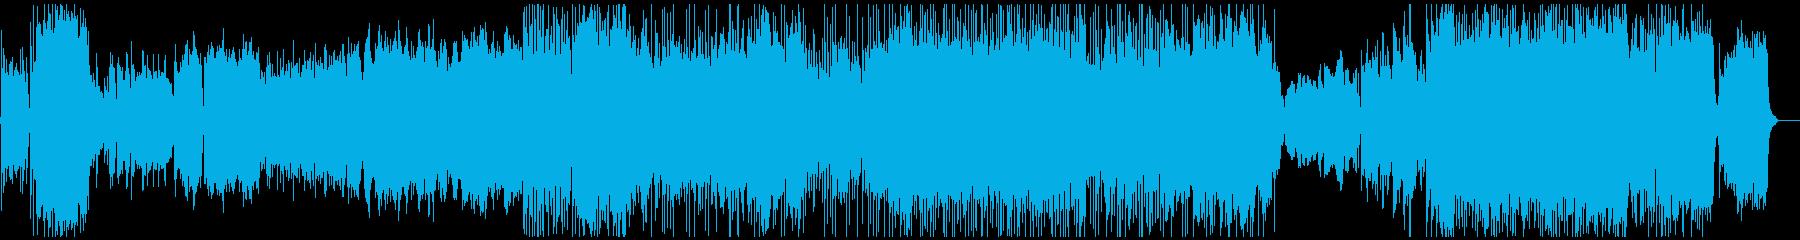 明るいオーケストラのエンディングの再生済みの波形